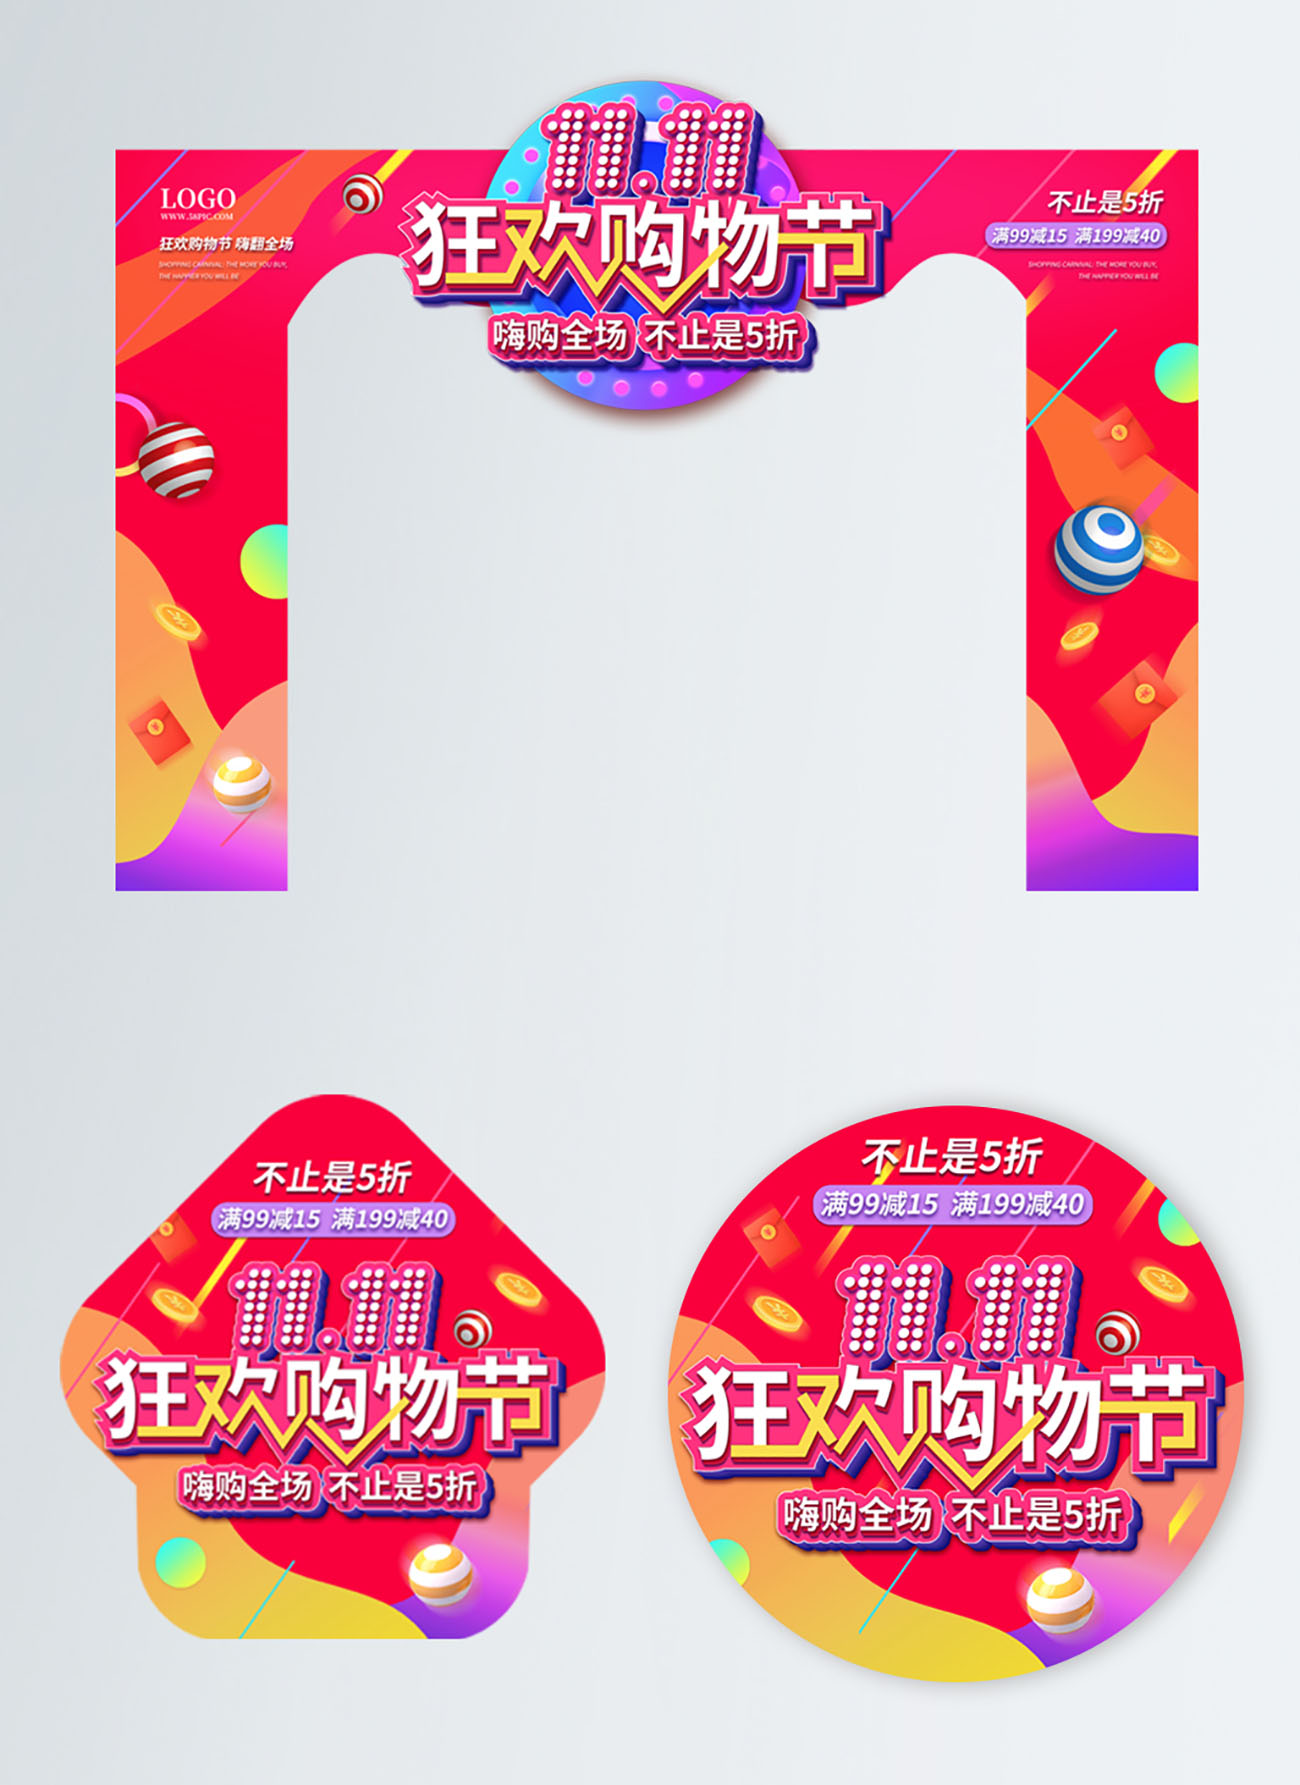 双11超市商场门头地贴PSD源文件插图